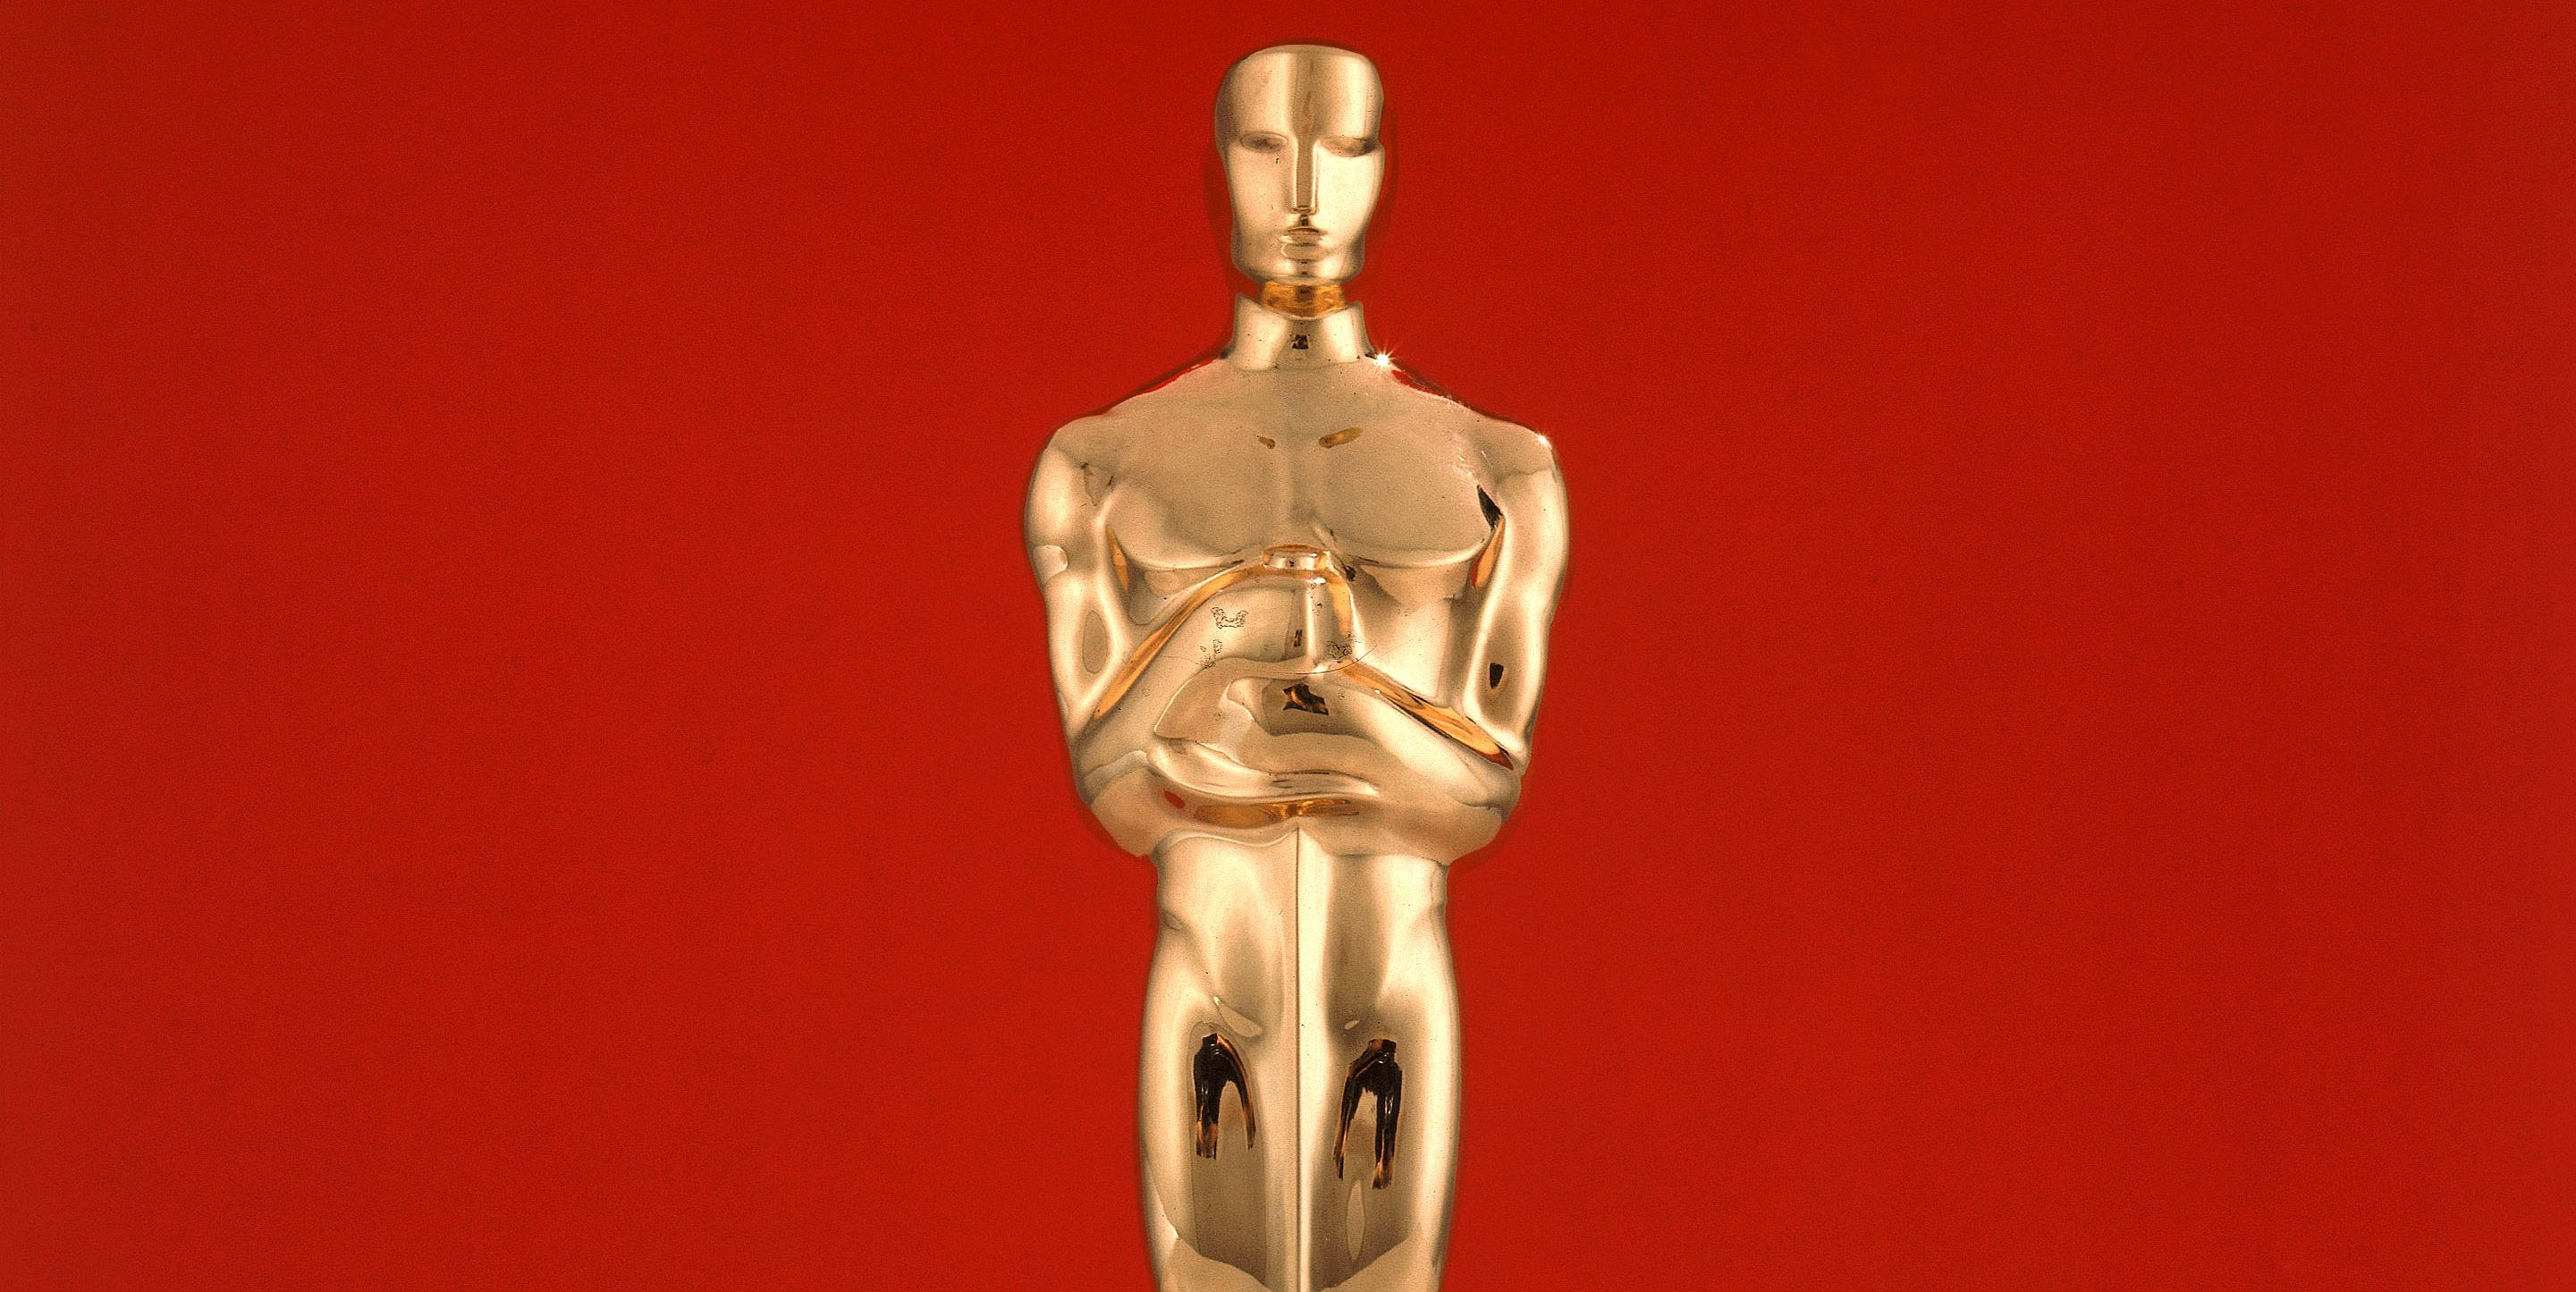 golden oscar statue